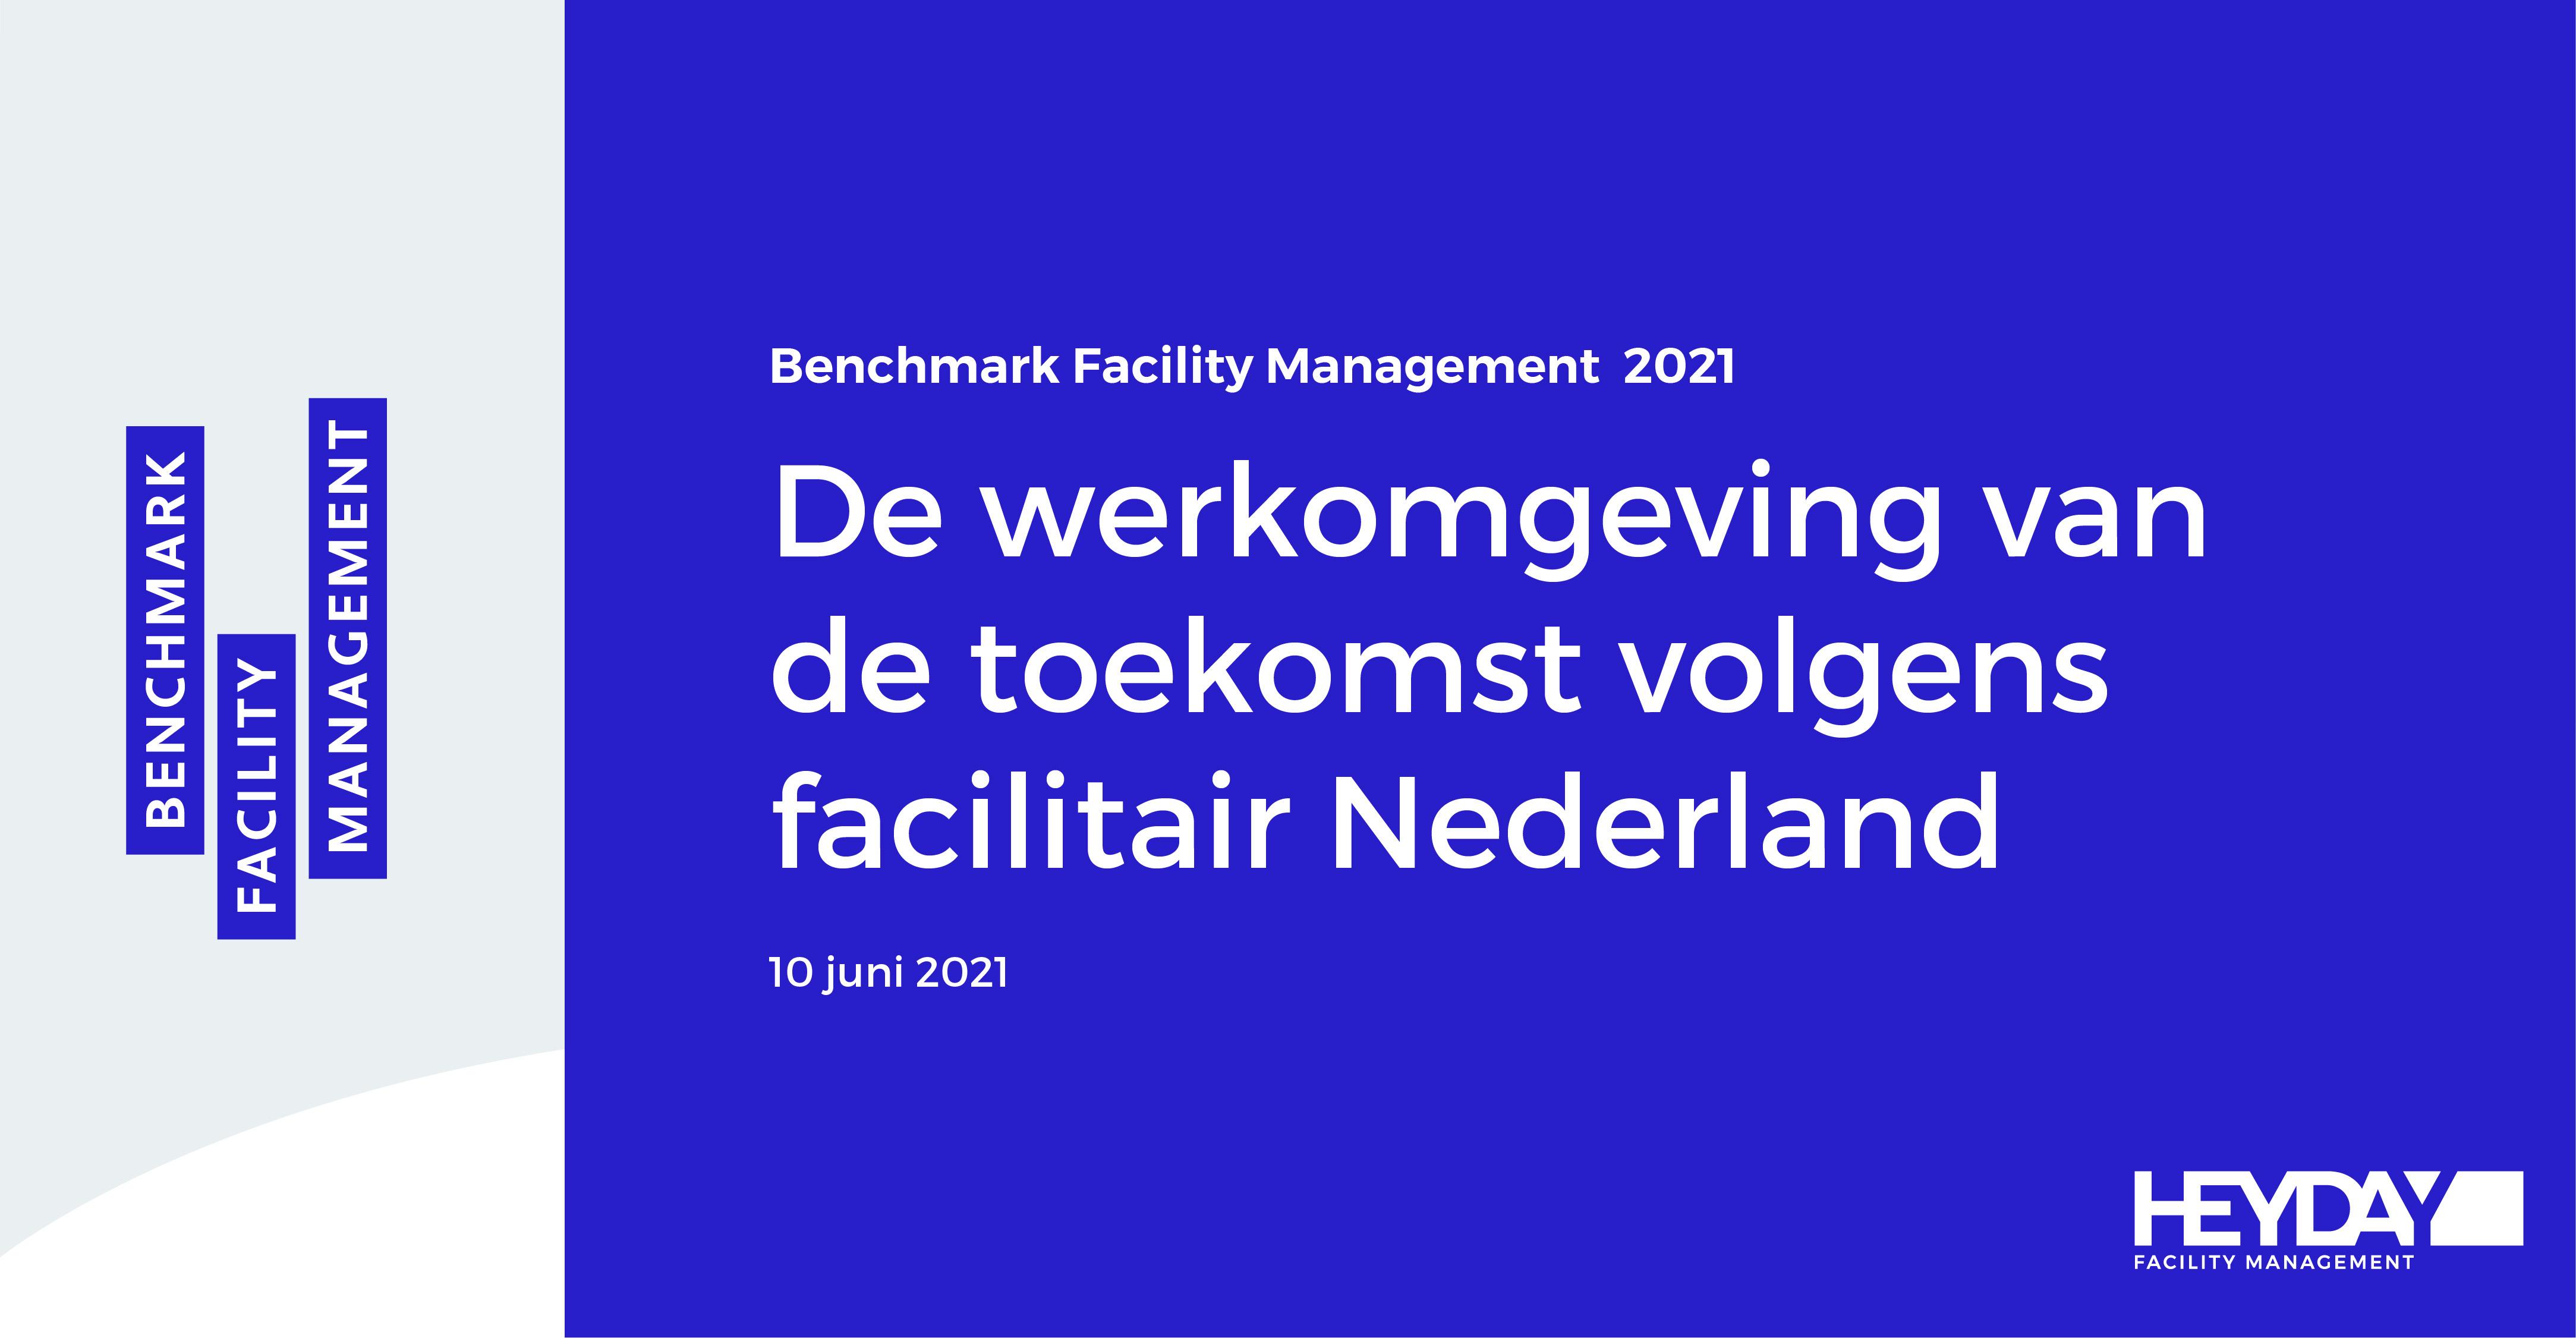 HEYDAY lanceert Benchmark Facility Management 2021 met als thema 'De werkomgeving van de toekomst'